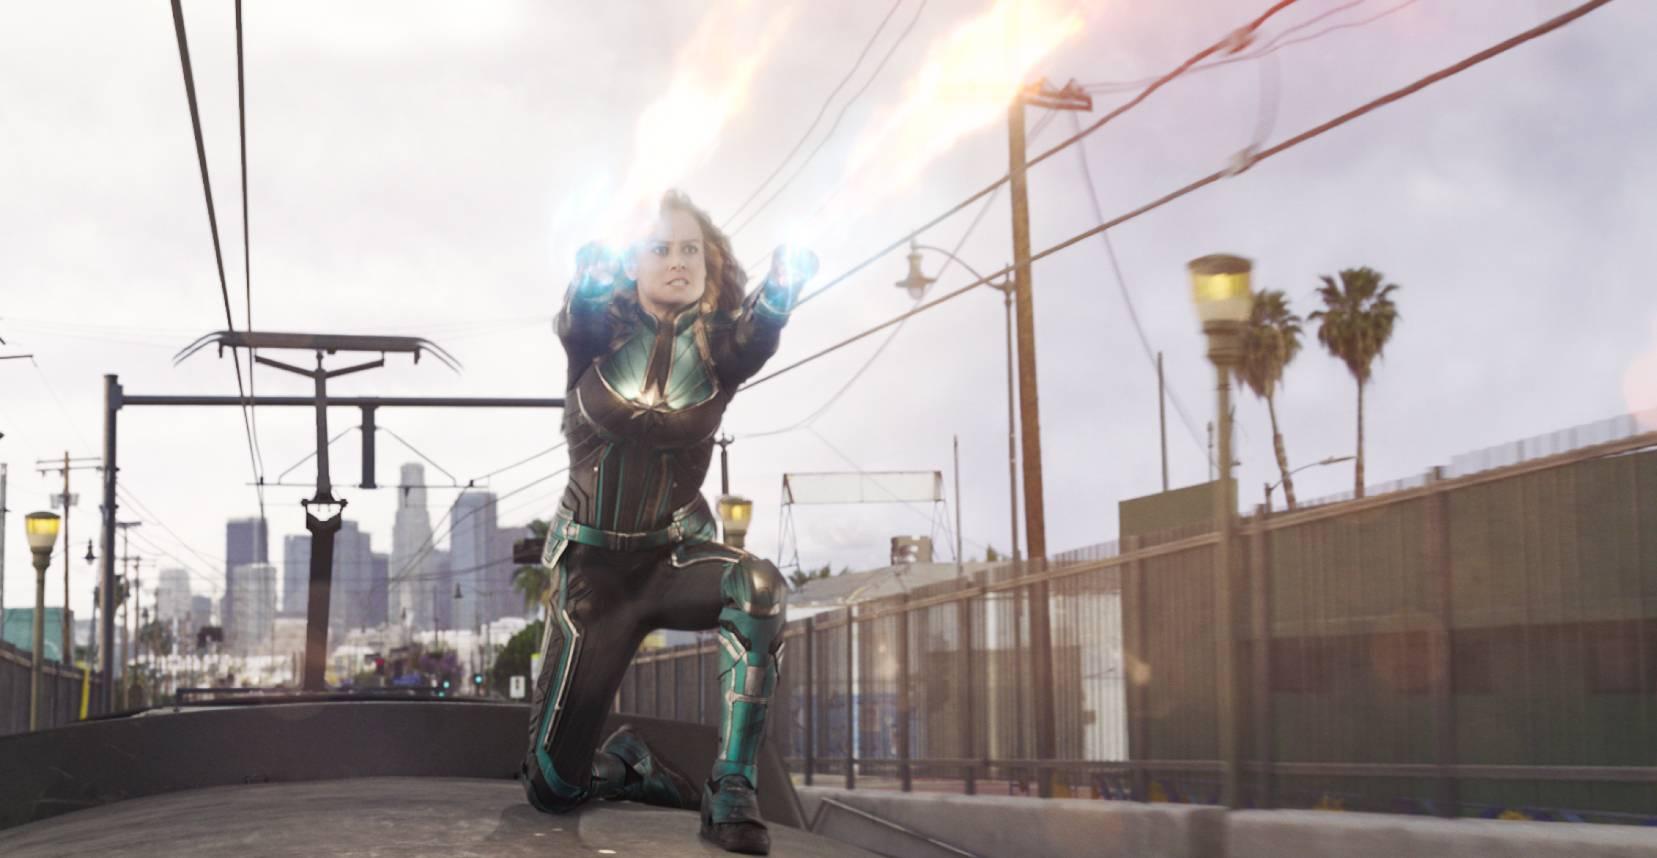 «Капитан Марвел» — фильм о слишком сильной героине 6